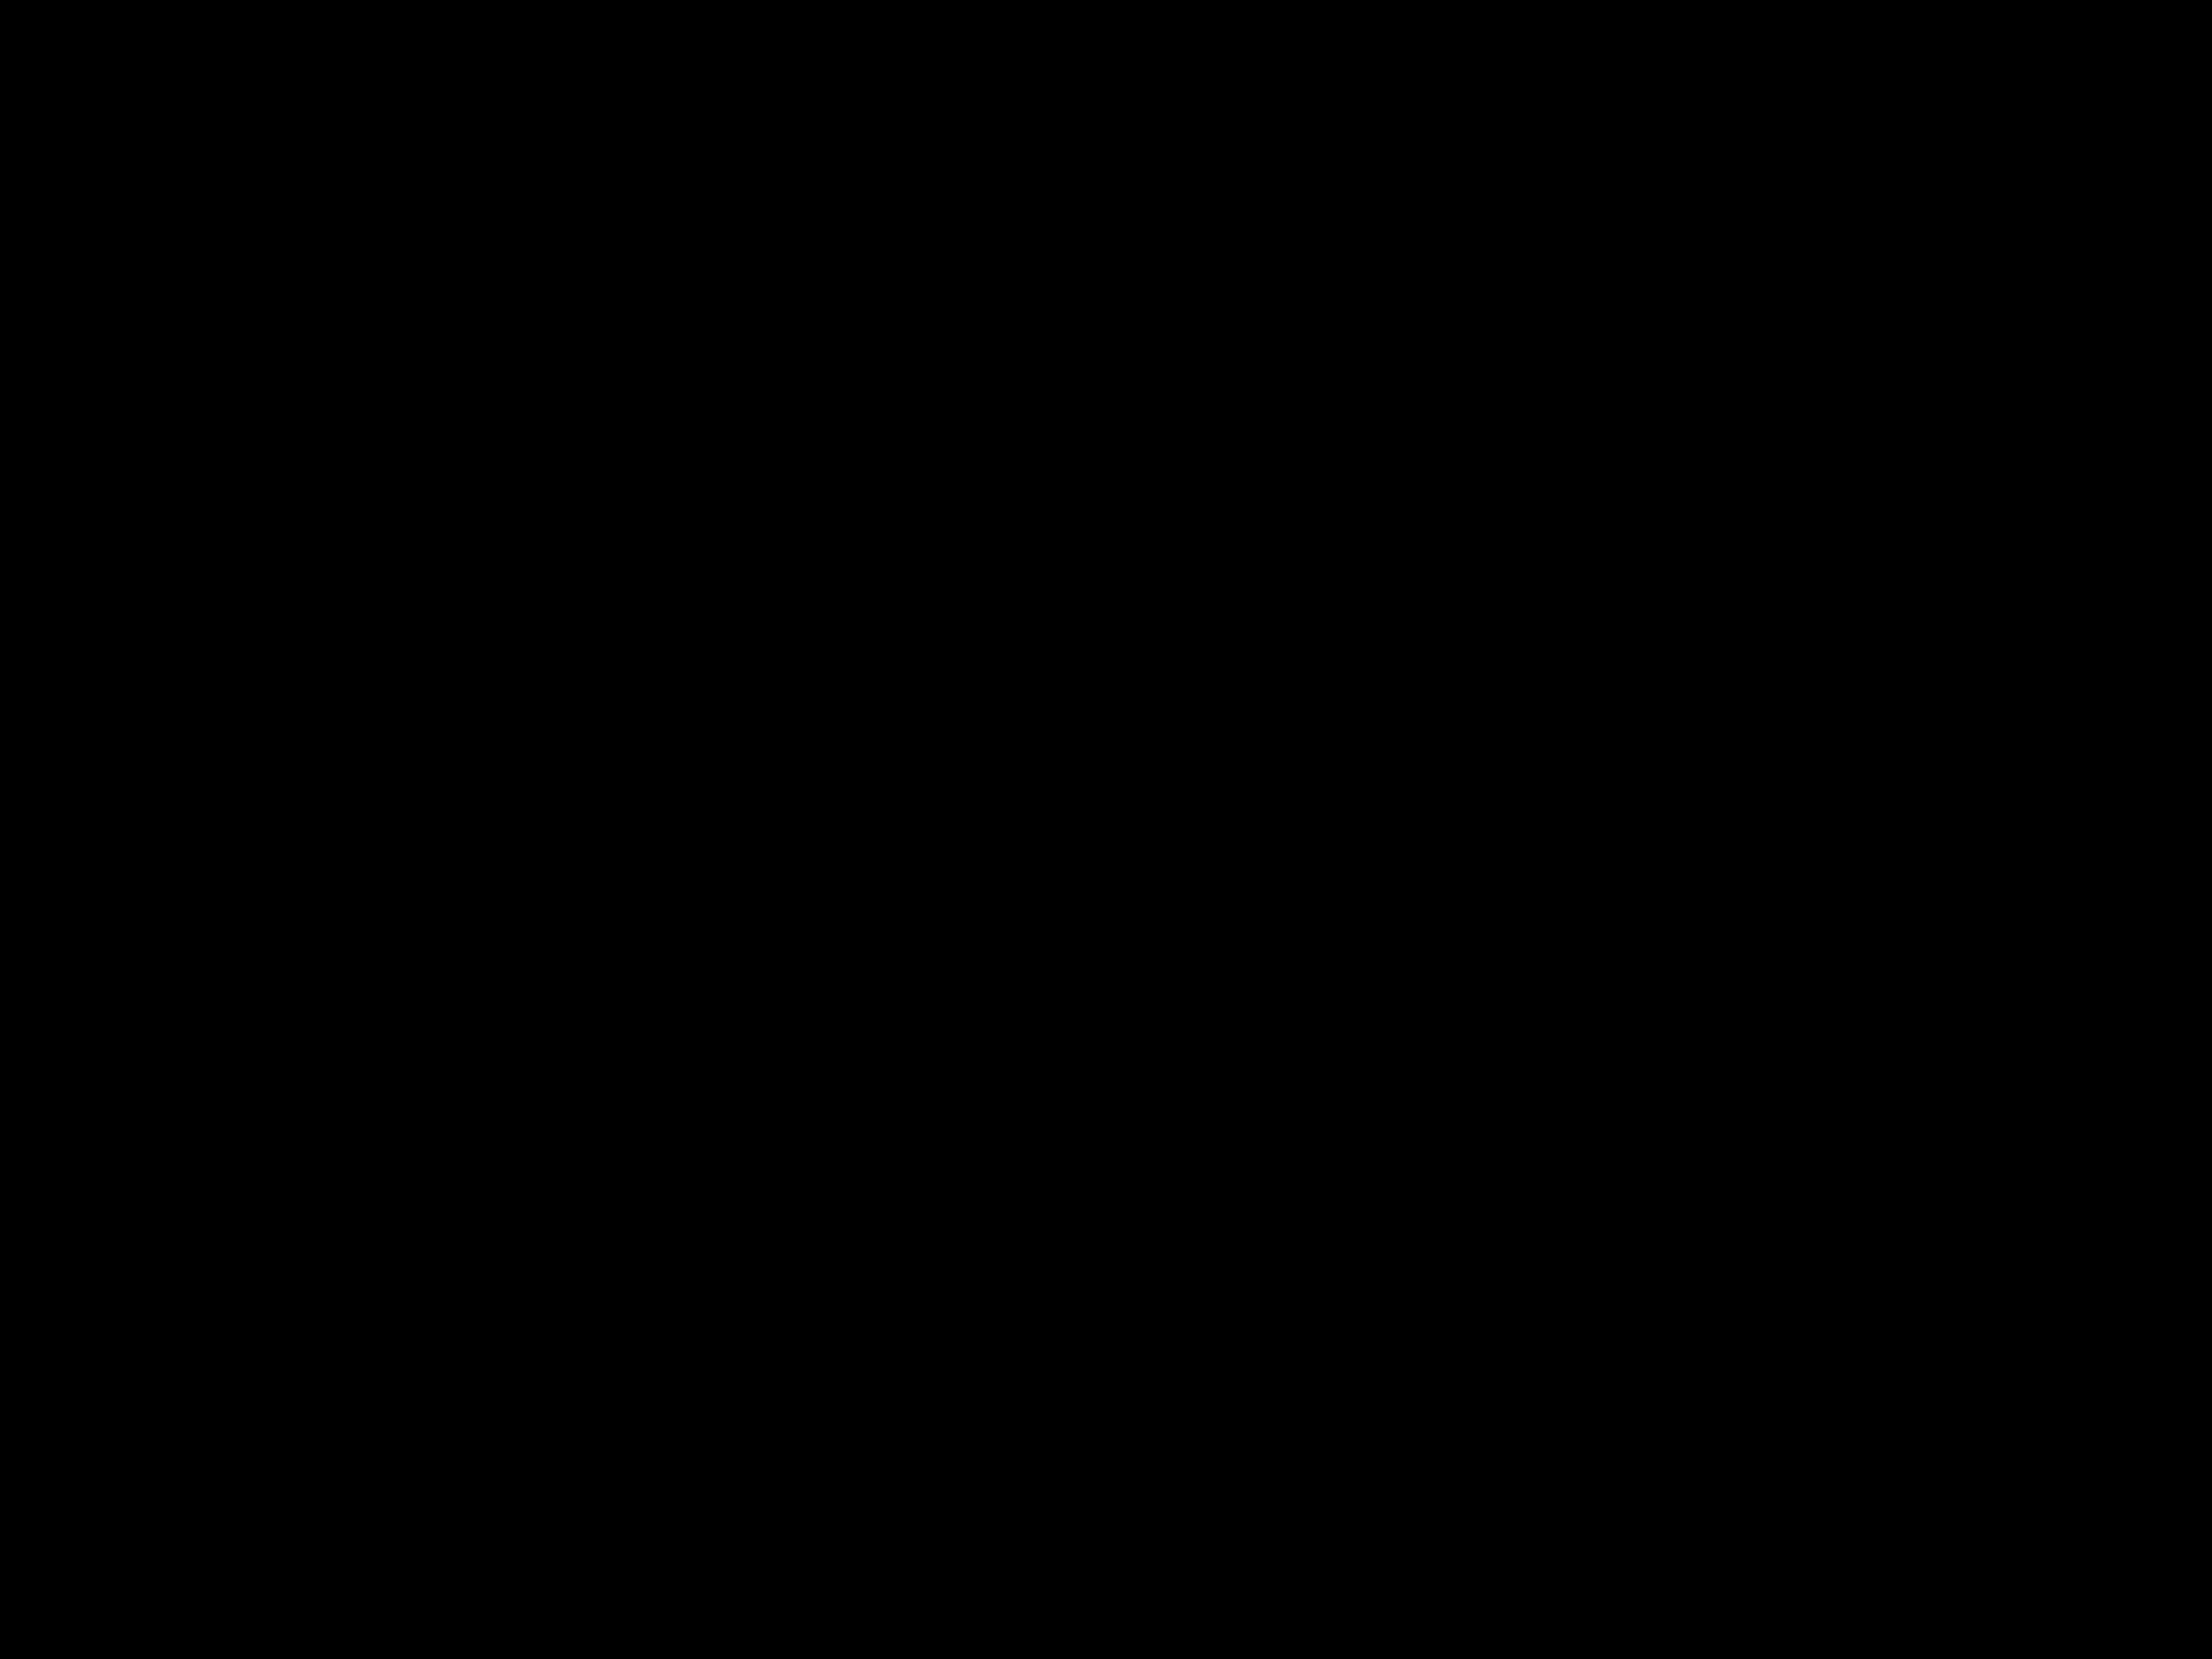 logo de l'Initiative de recherche sur les politiques de l'éducation